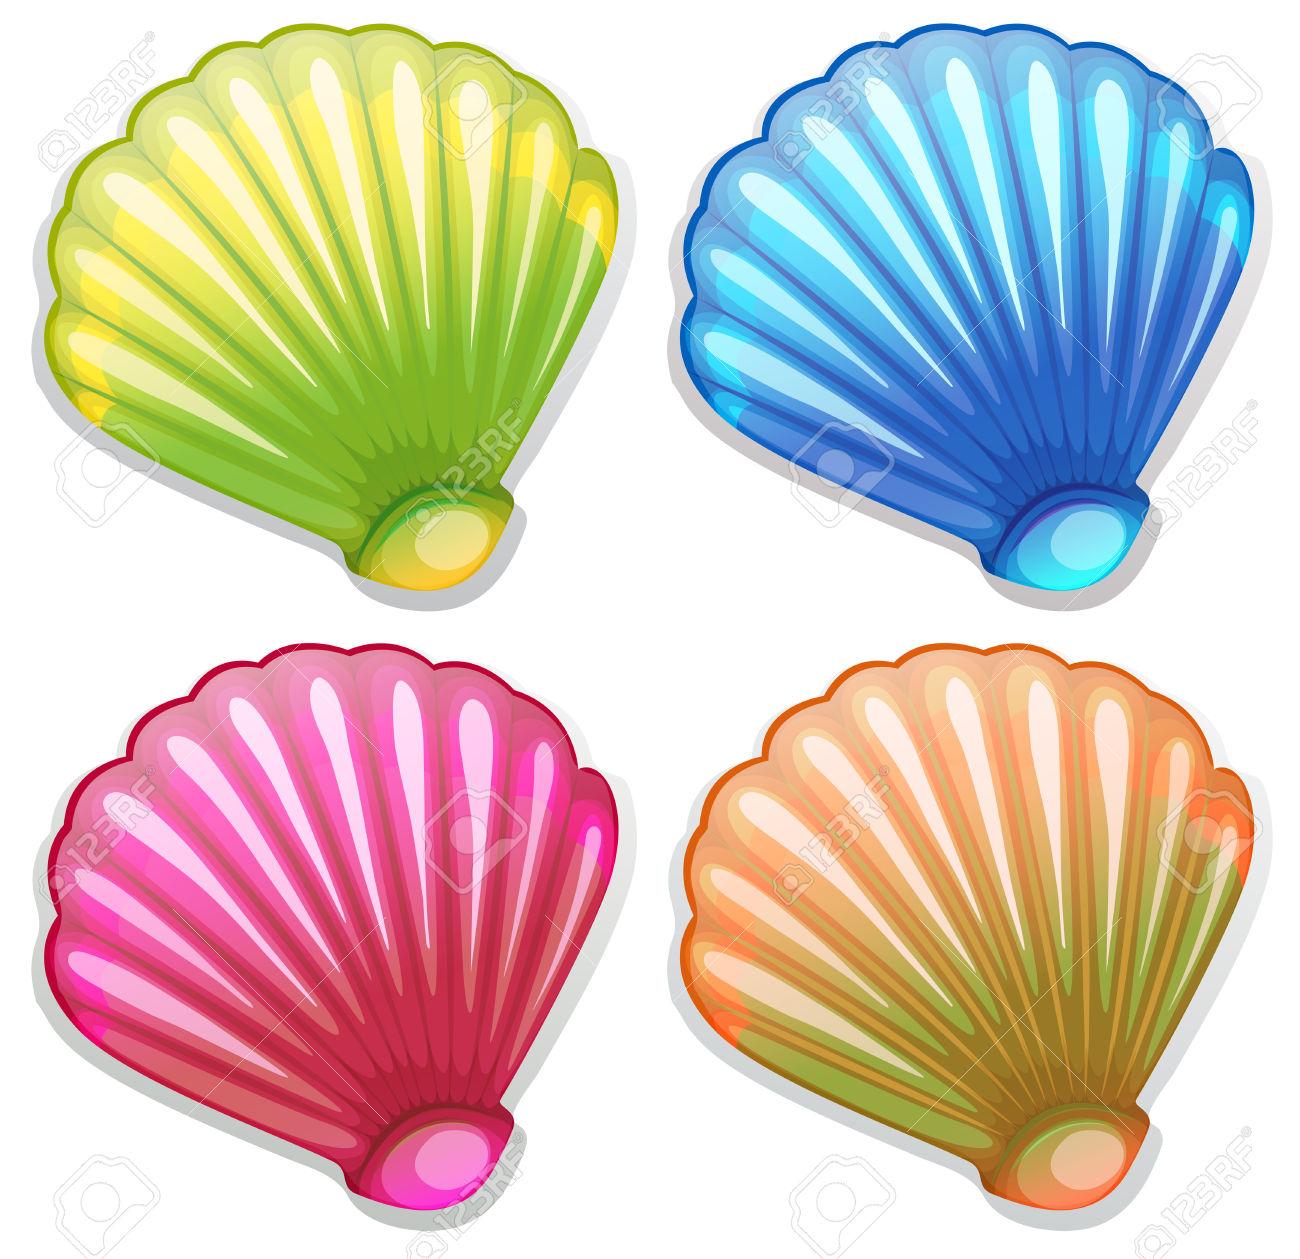 1052 Seashell free clipart.